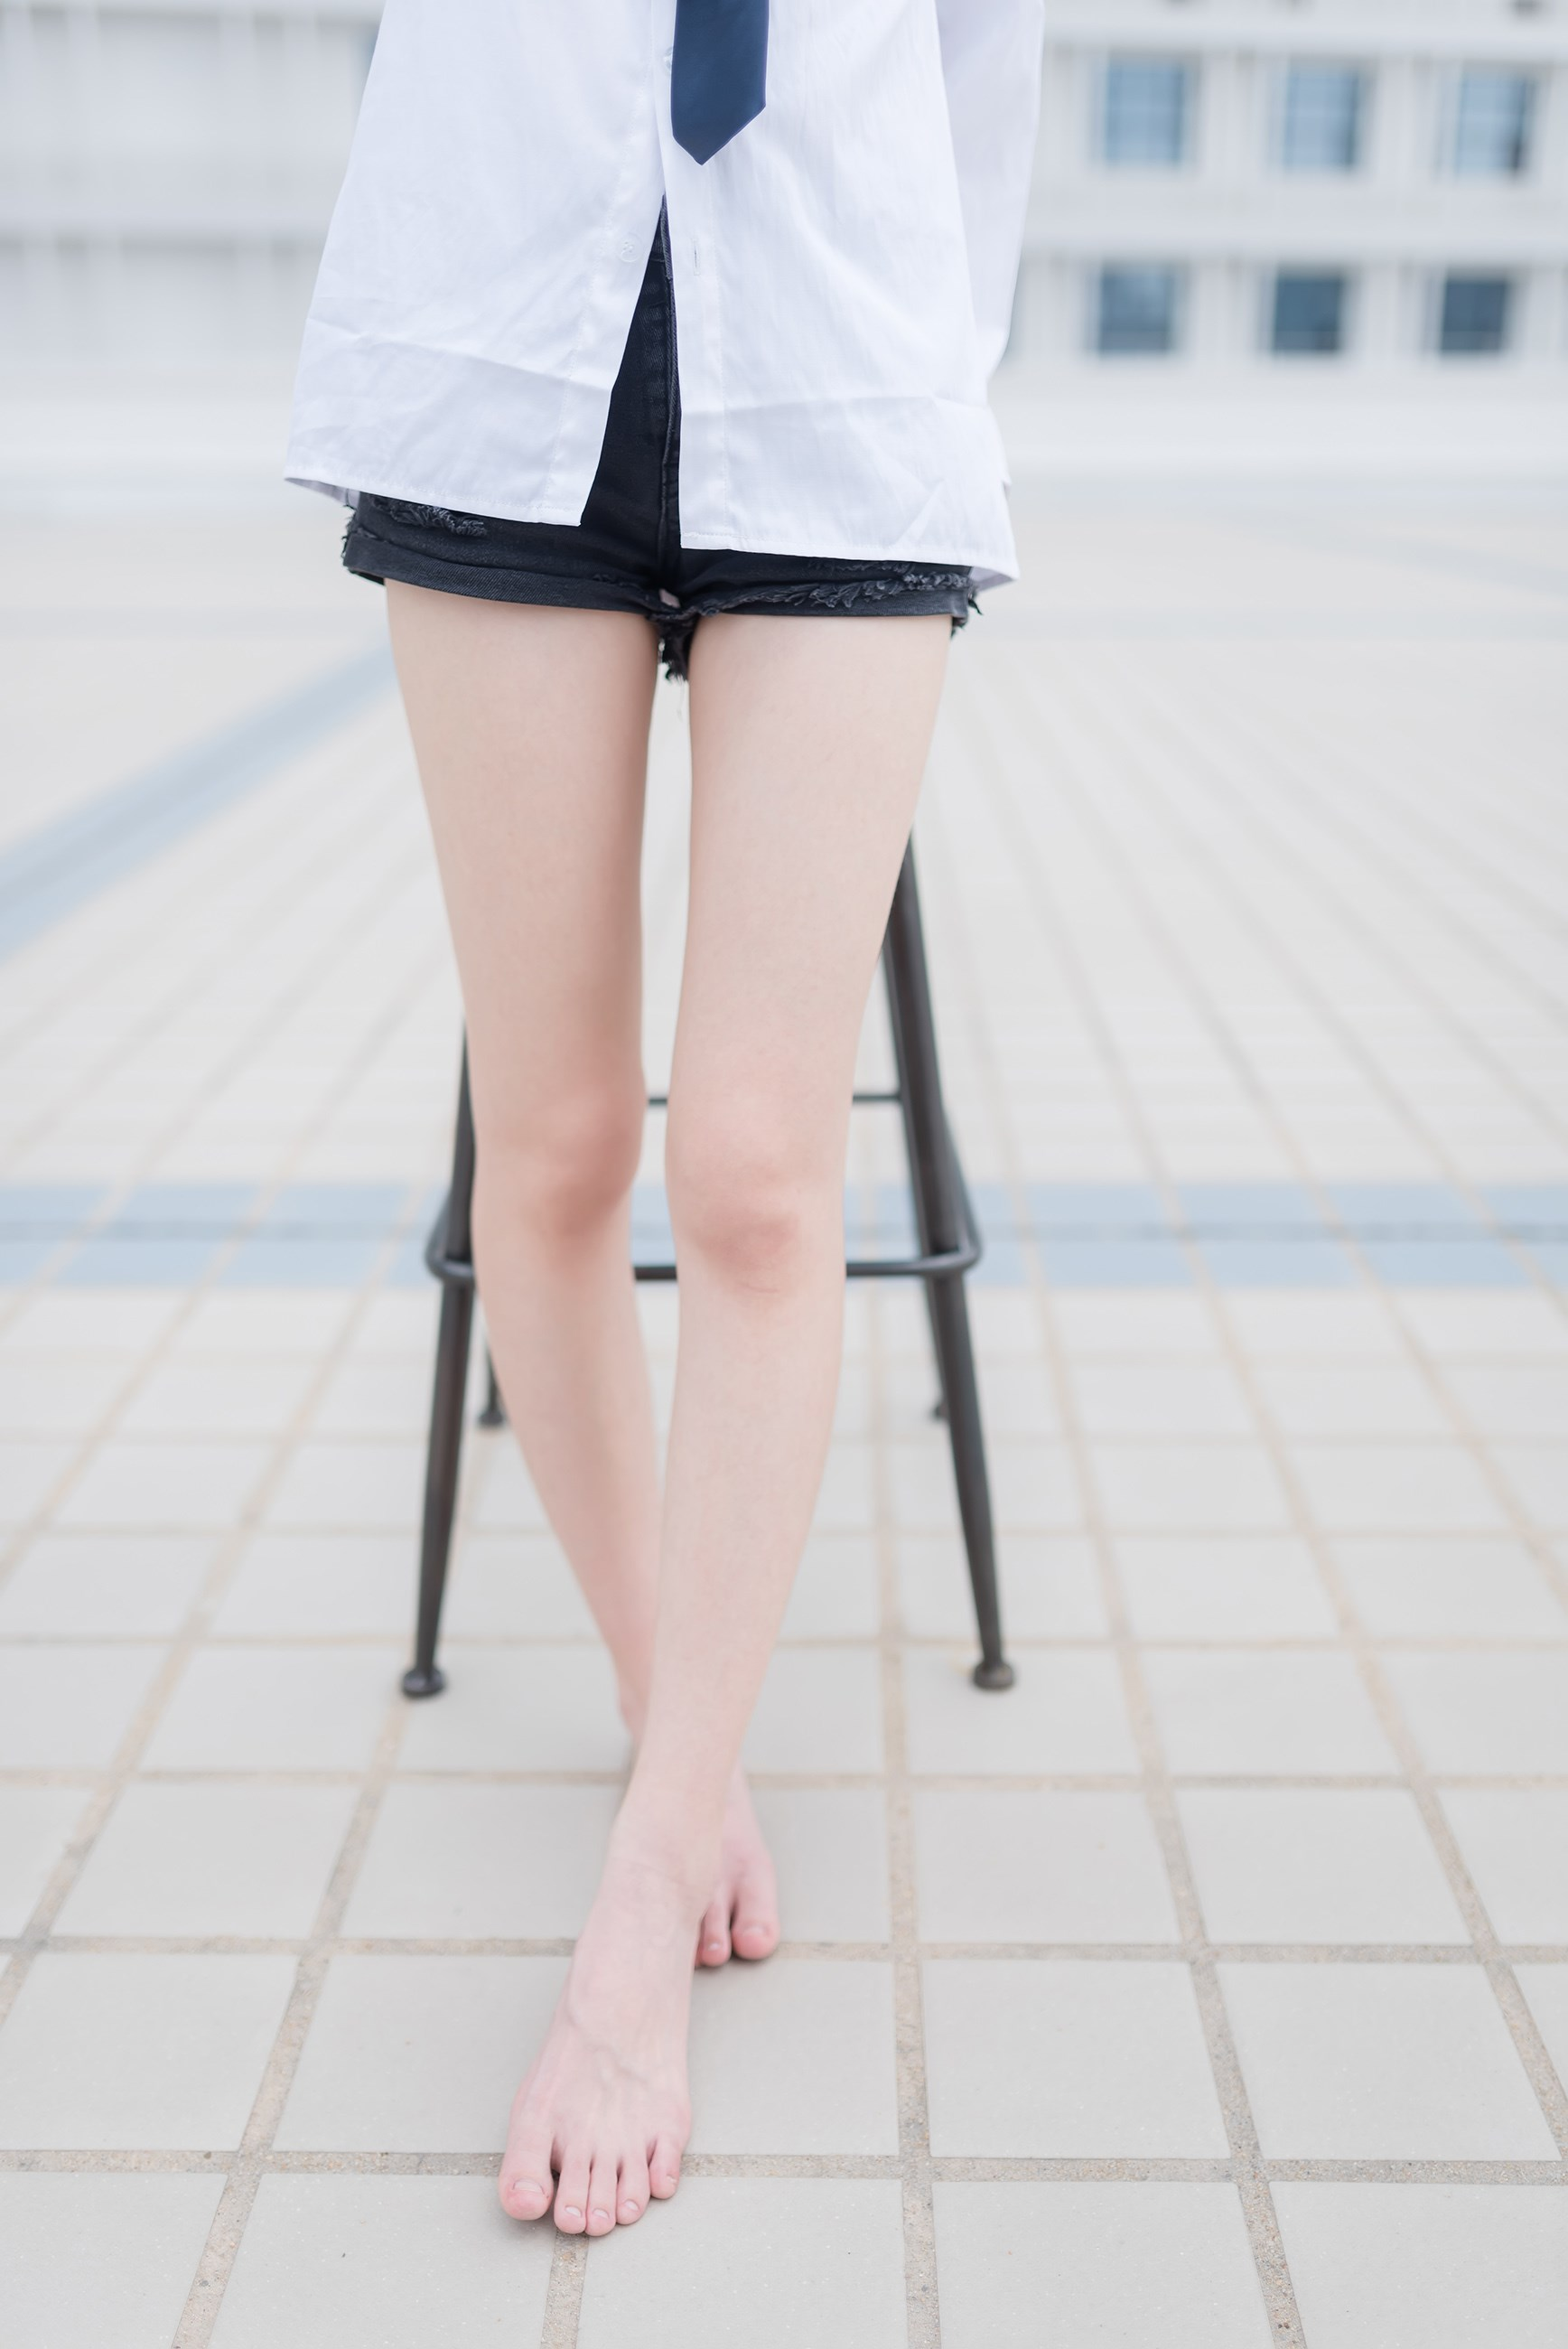 【兔玩映画】裸脚白衬衫 · 足控福利 兔玩映画 第16张